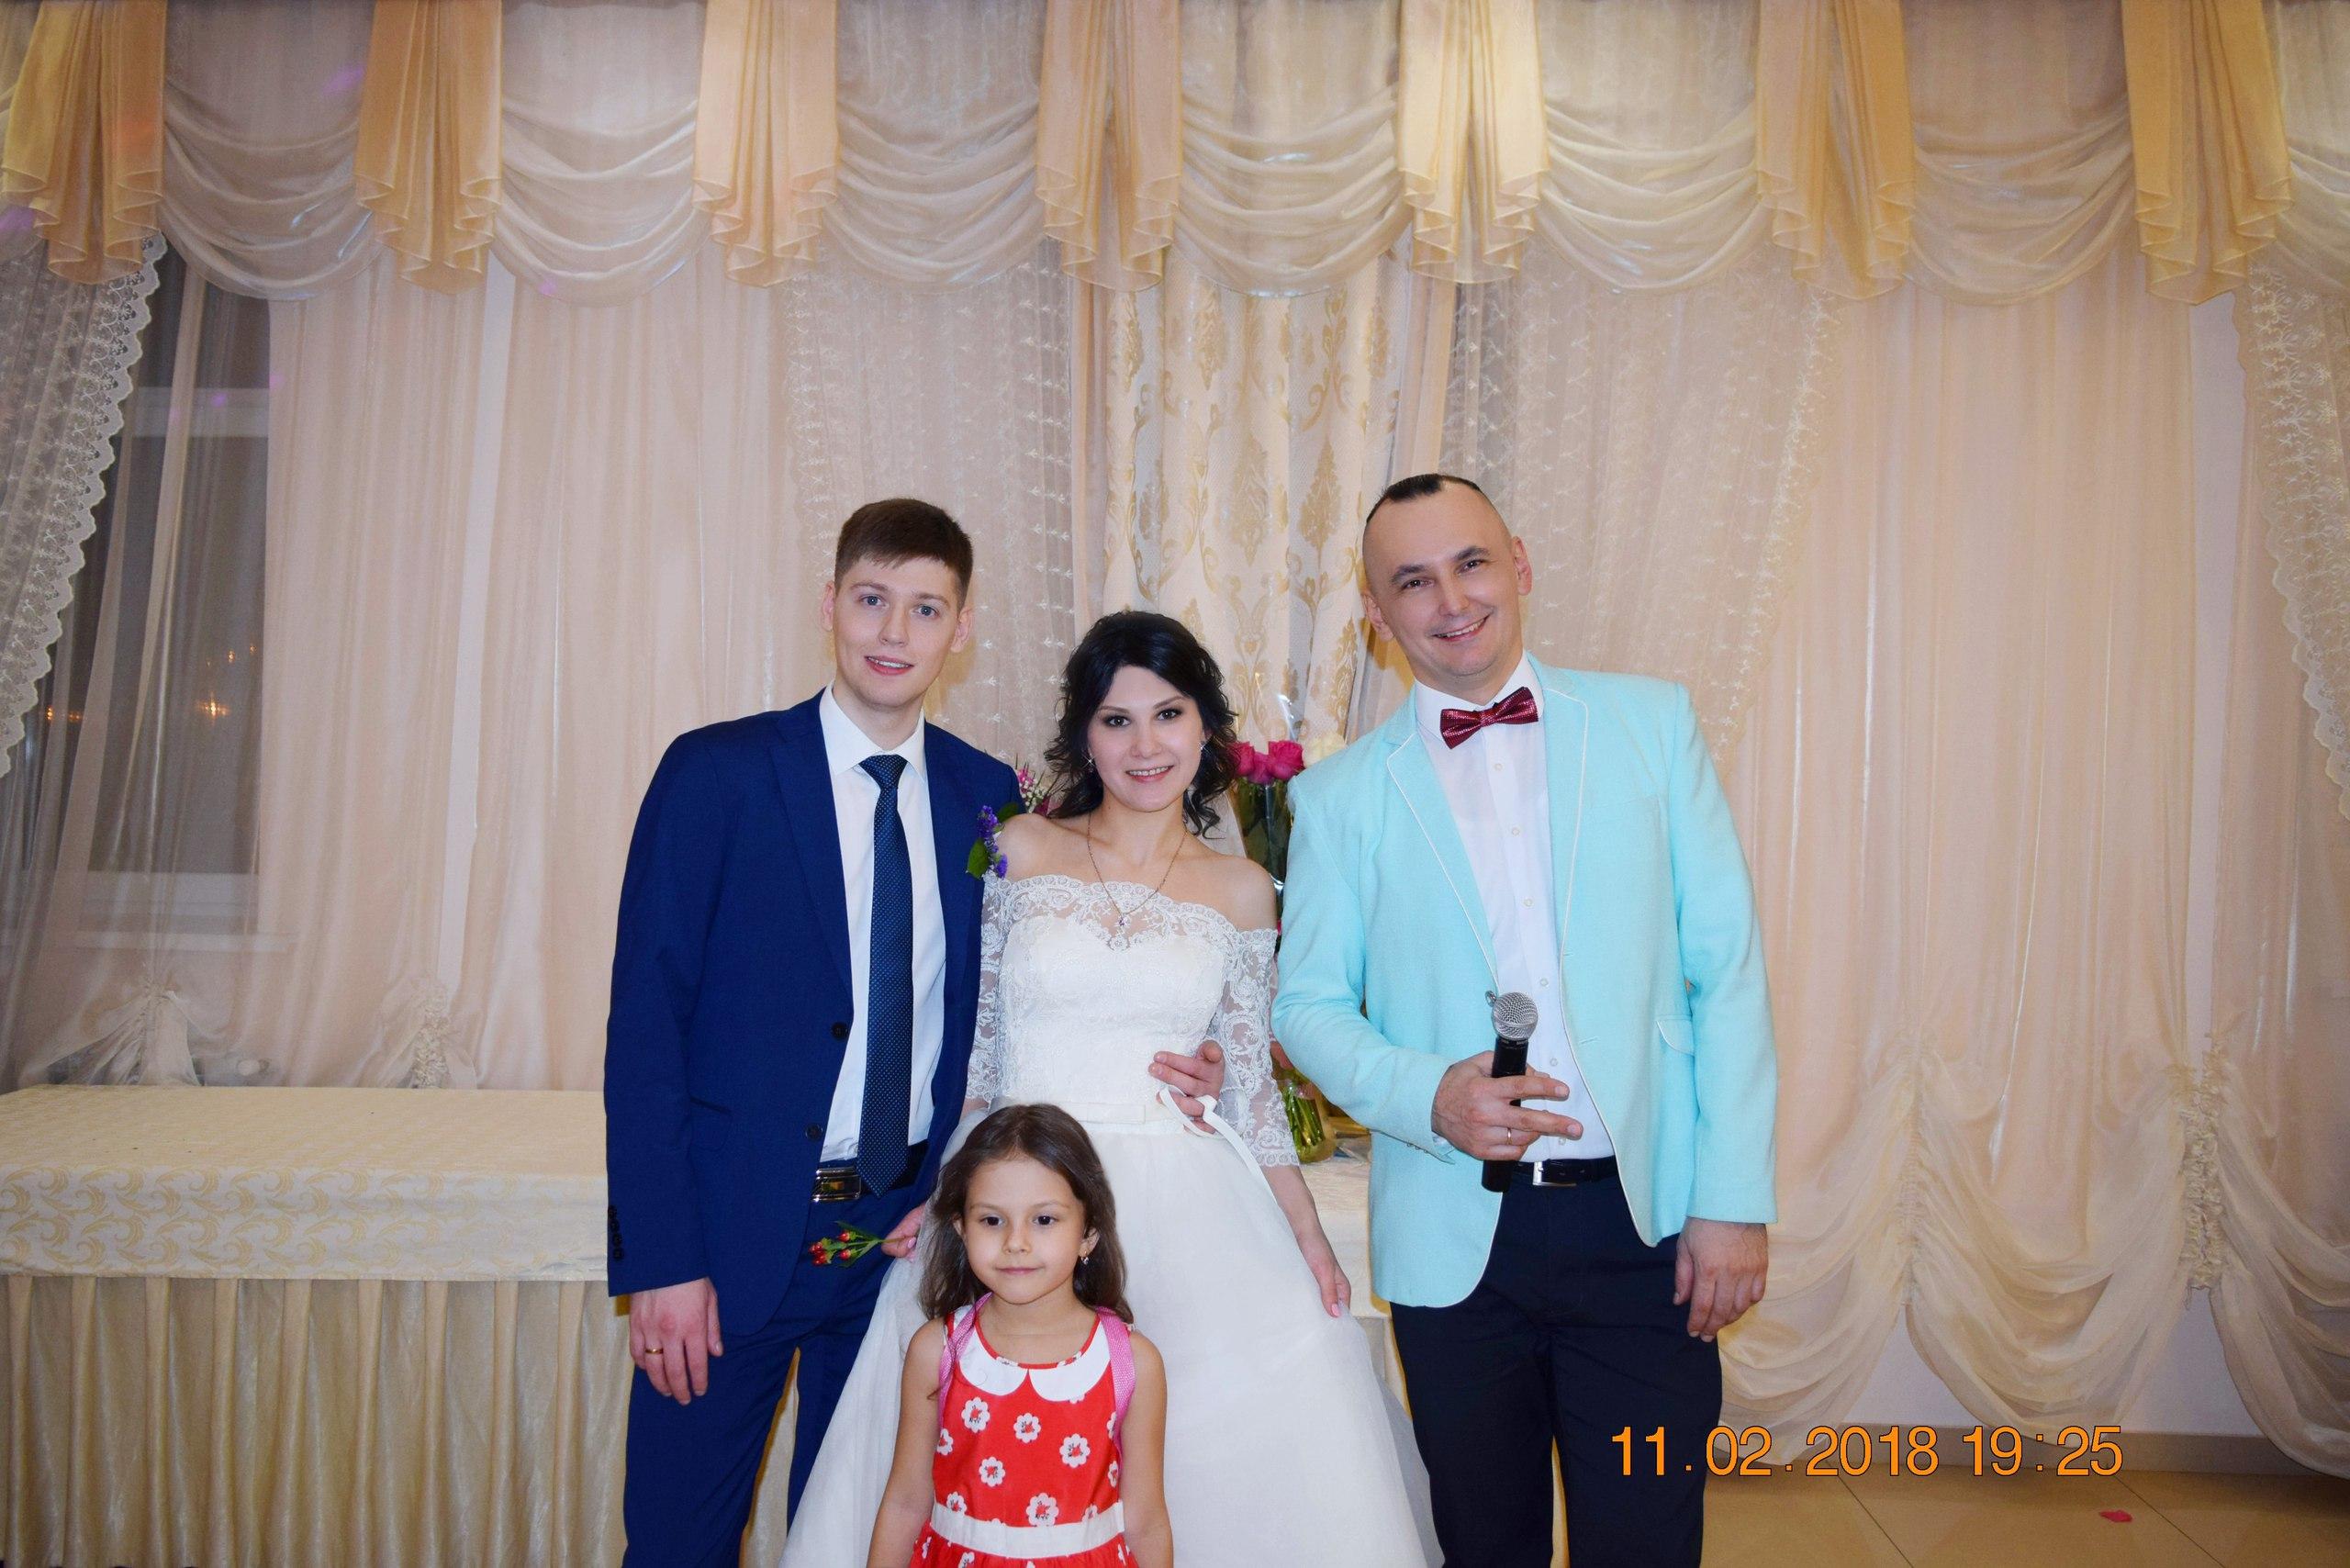 uEQbQOiTYZ4 - Свадьба Александра и Ирины